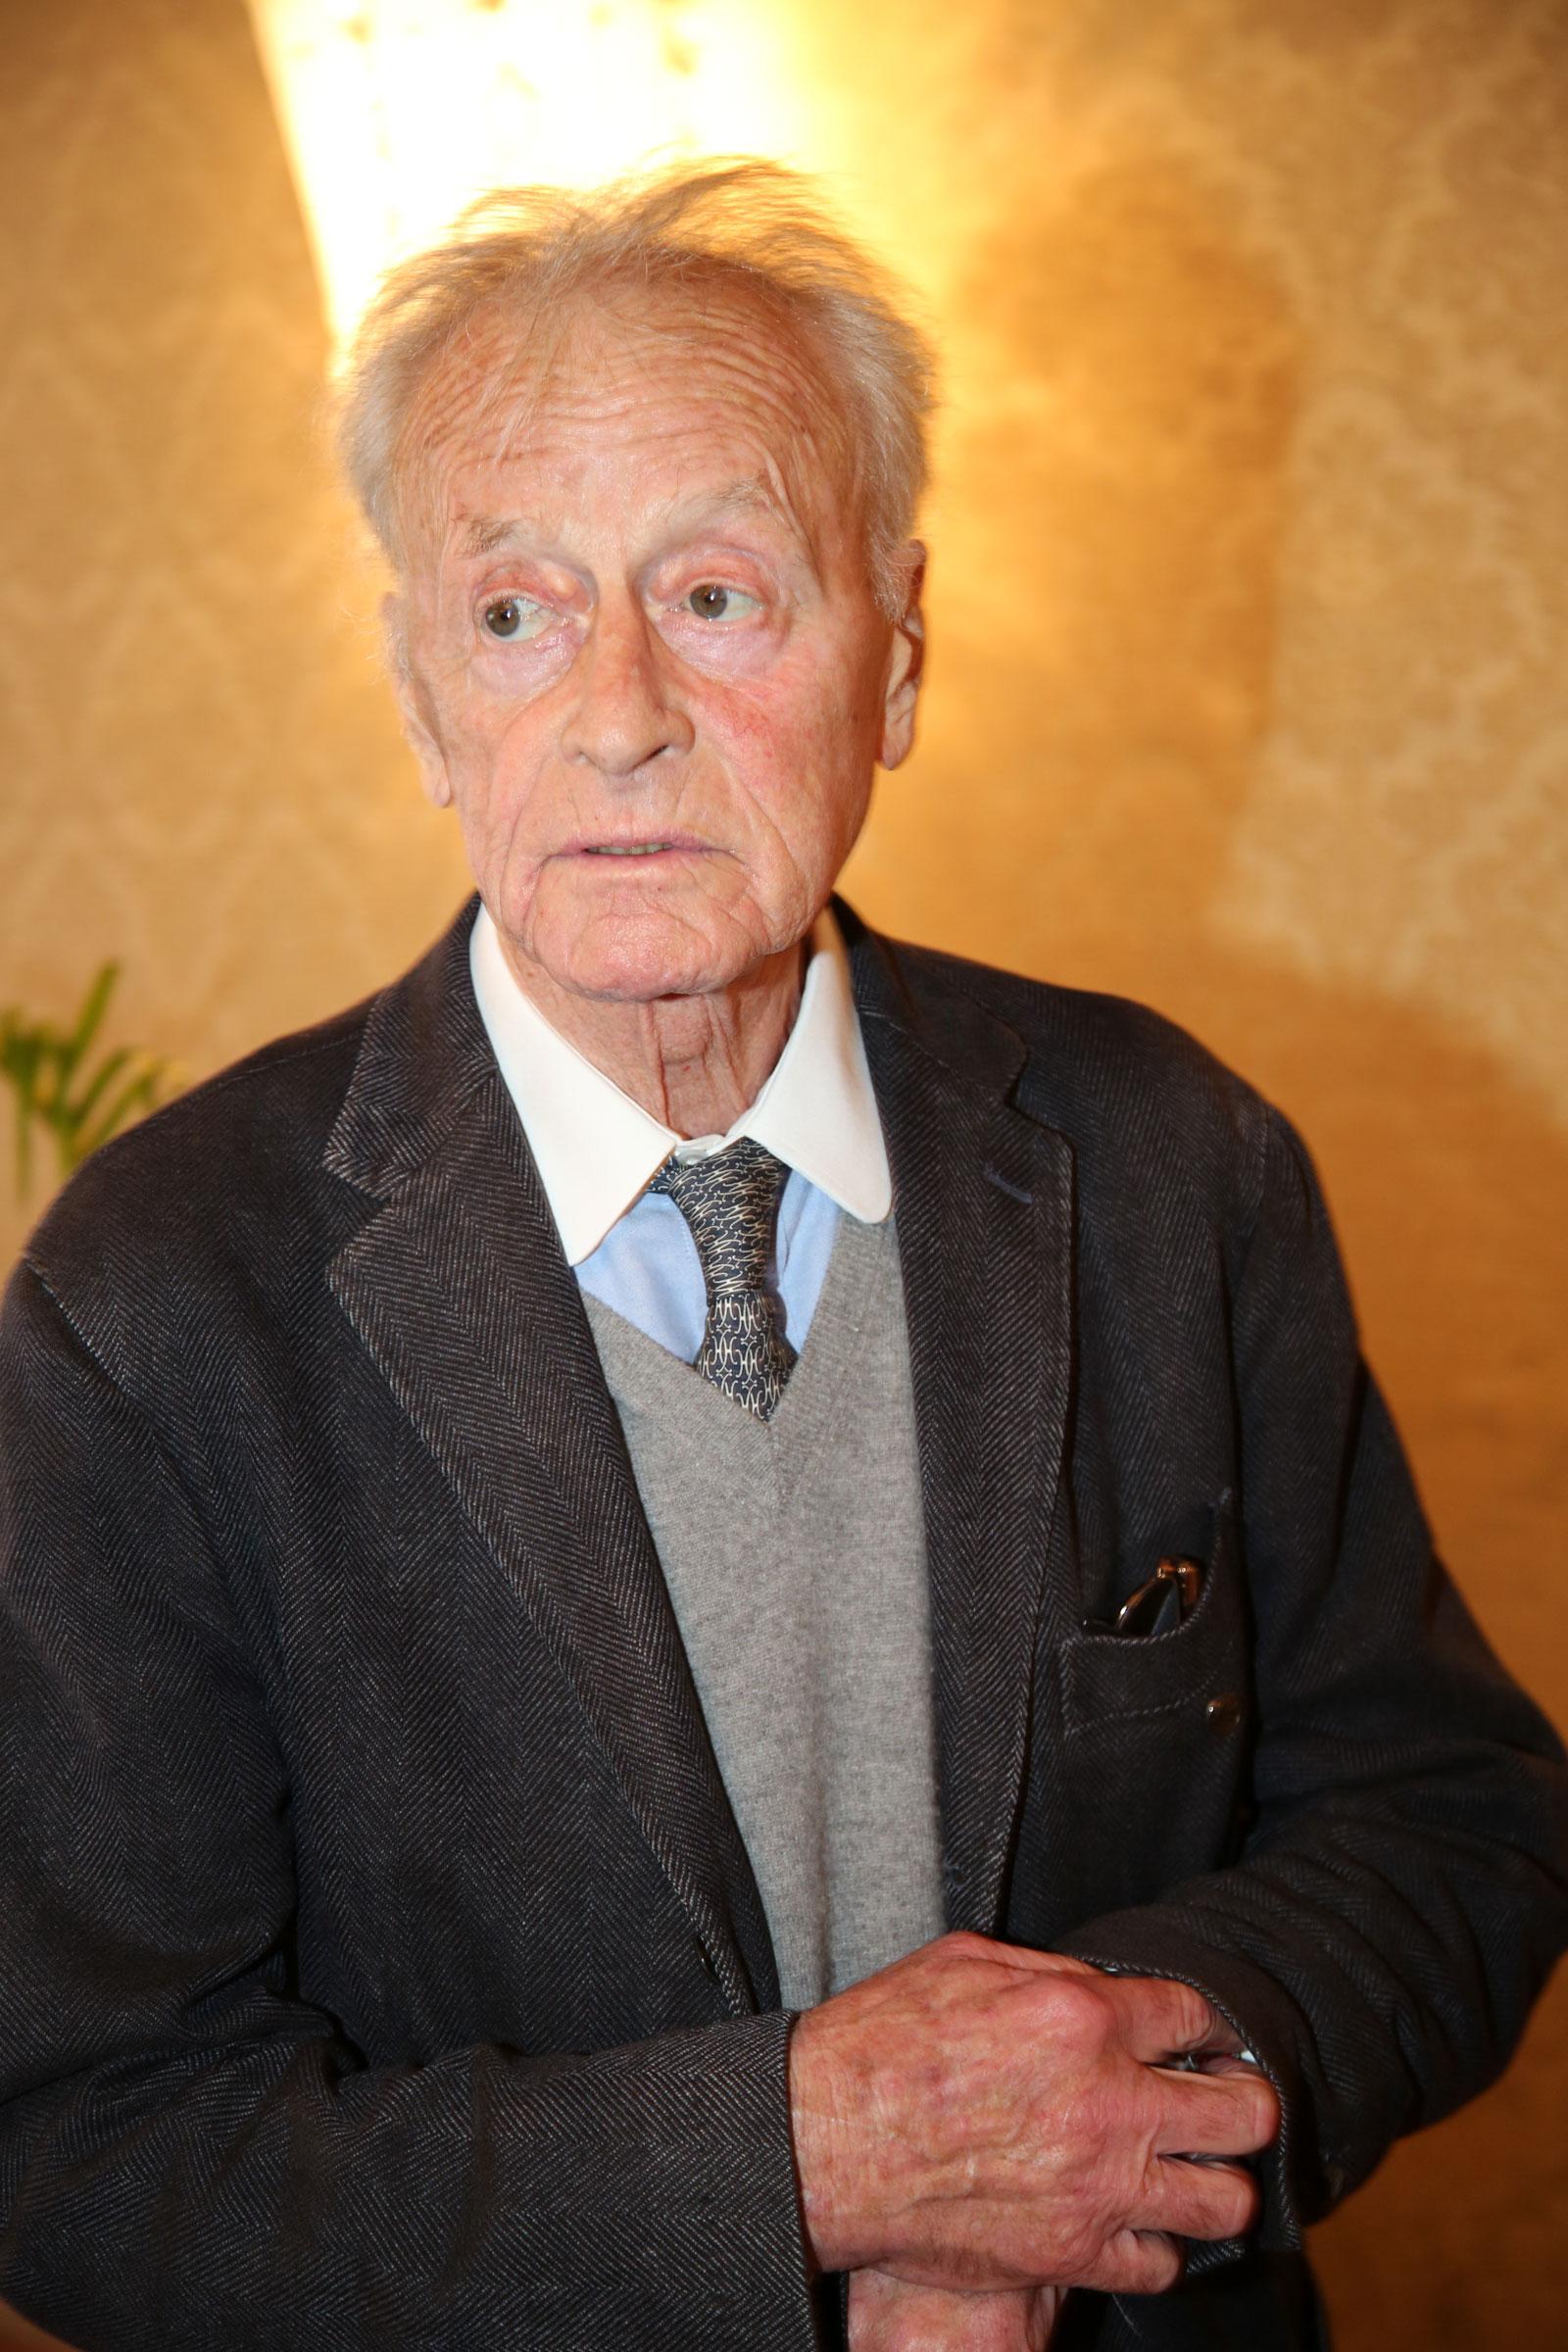 Helmuth Lohner Wikipedia